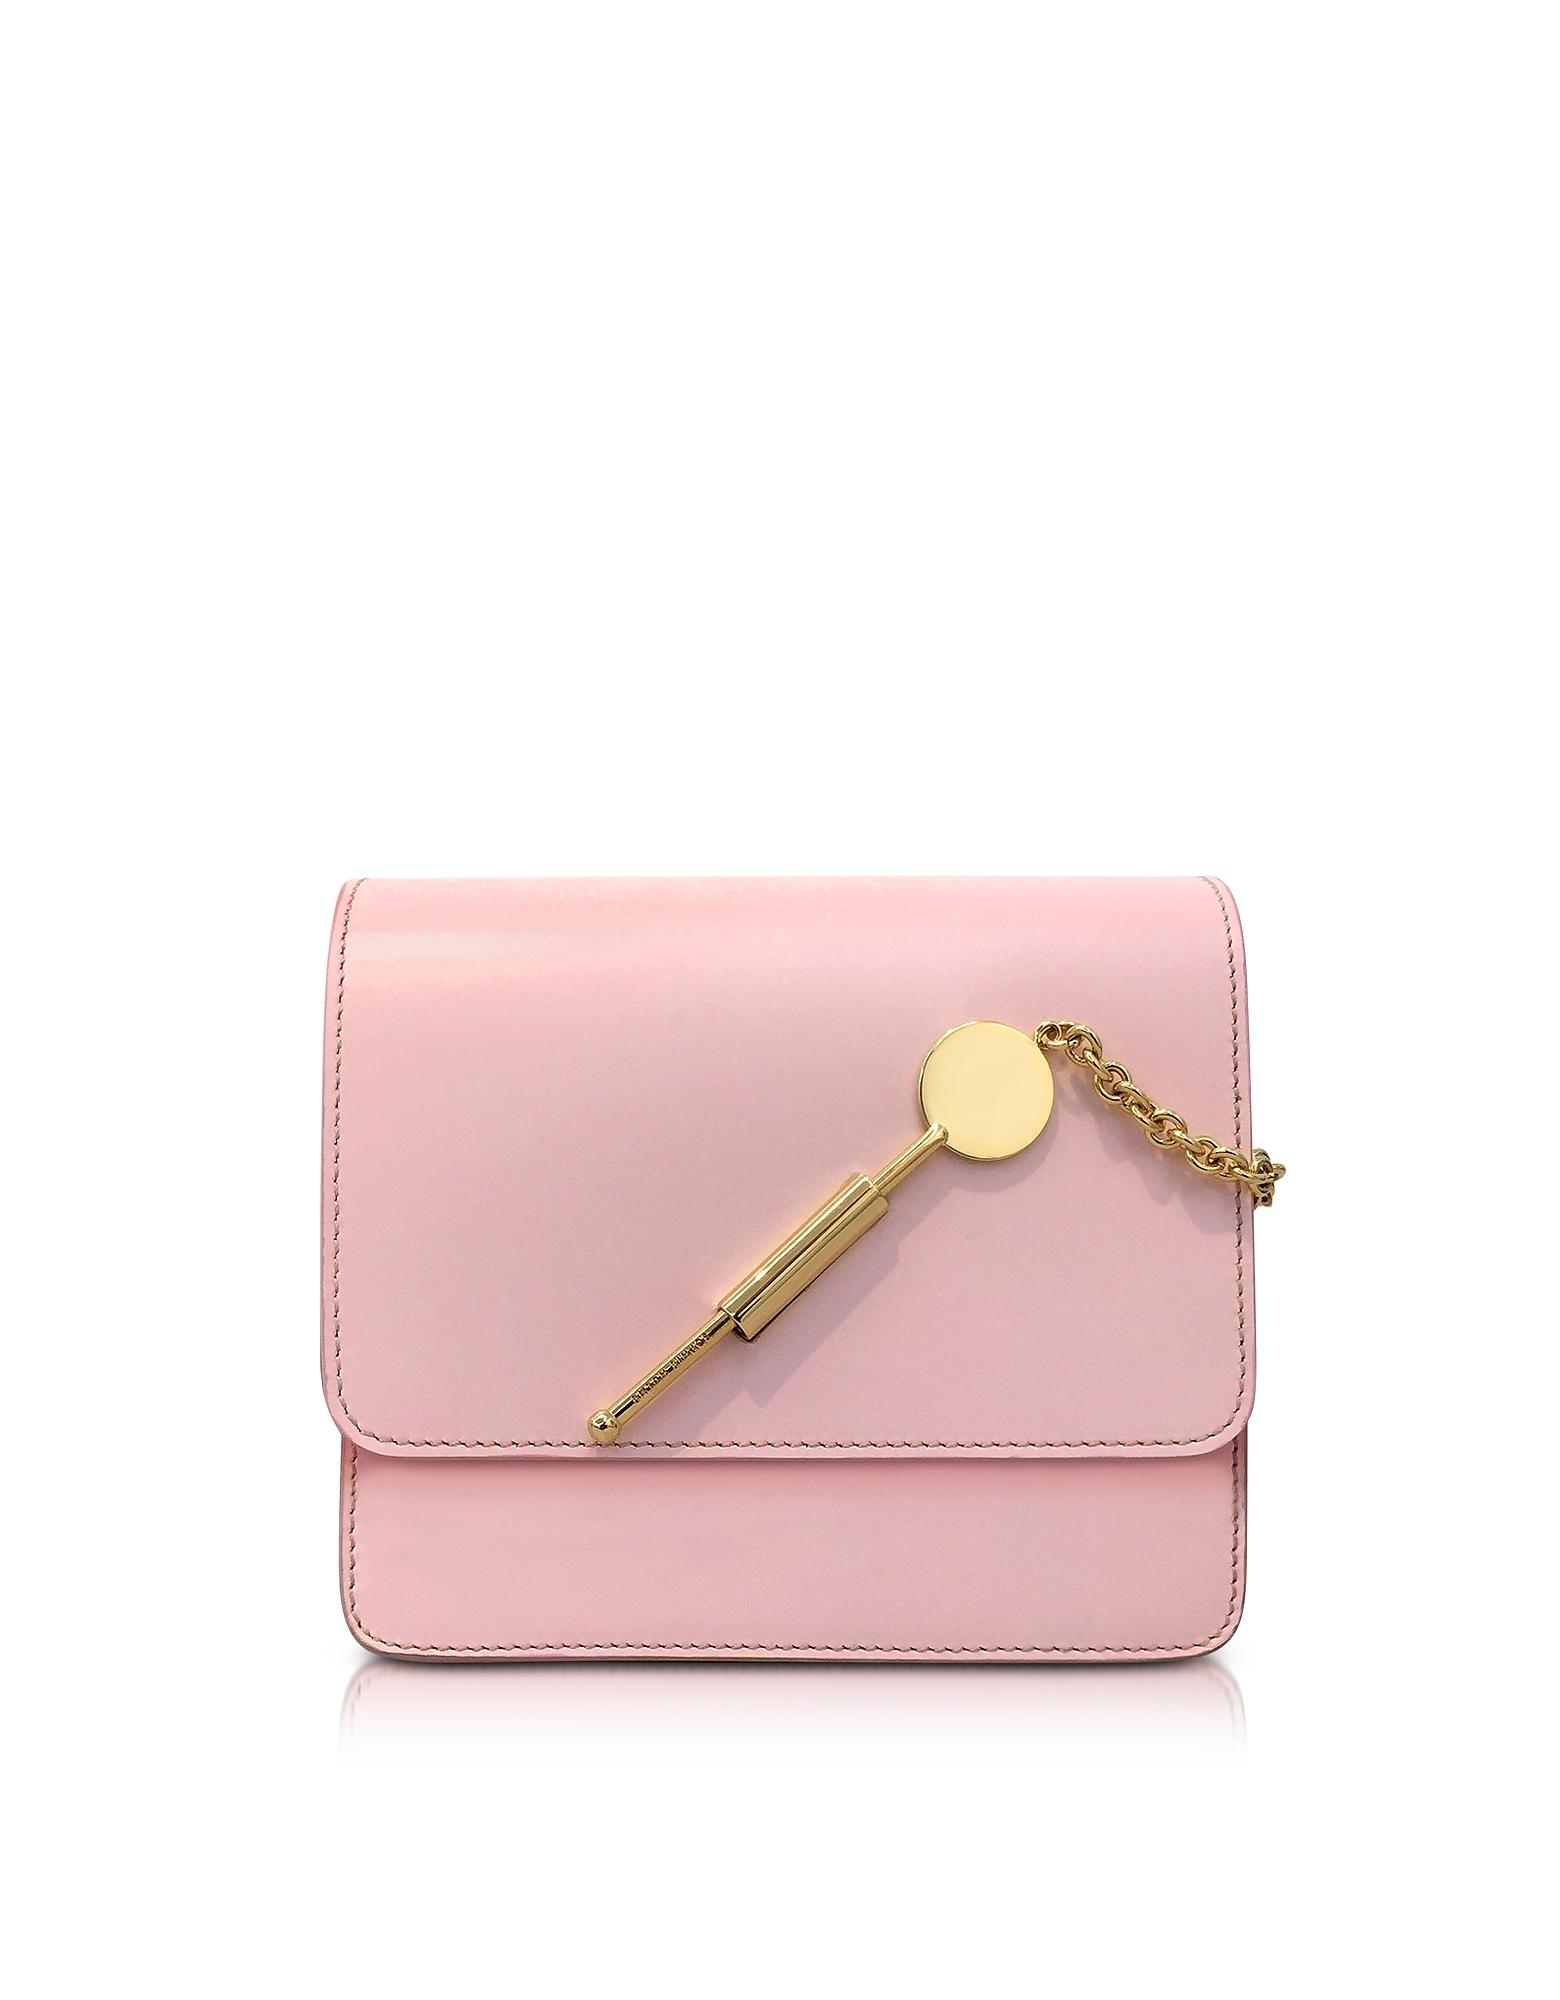 Sophie Hulme Pastel Pink Small Cocktail Stirrer Bag